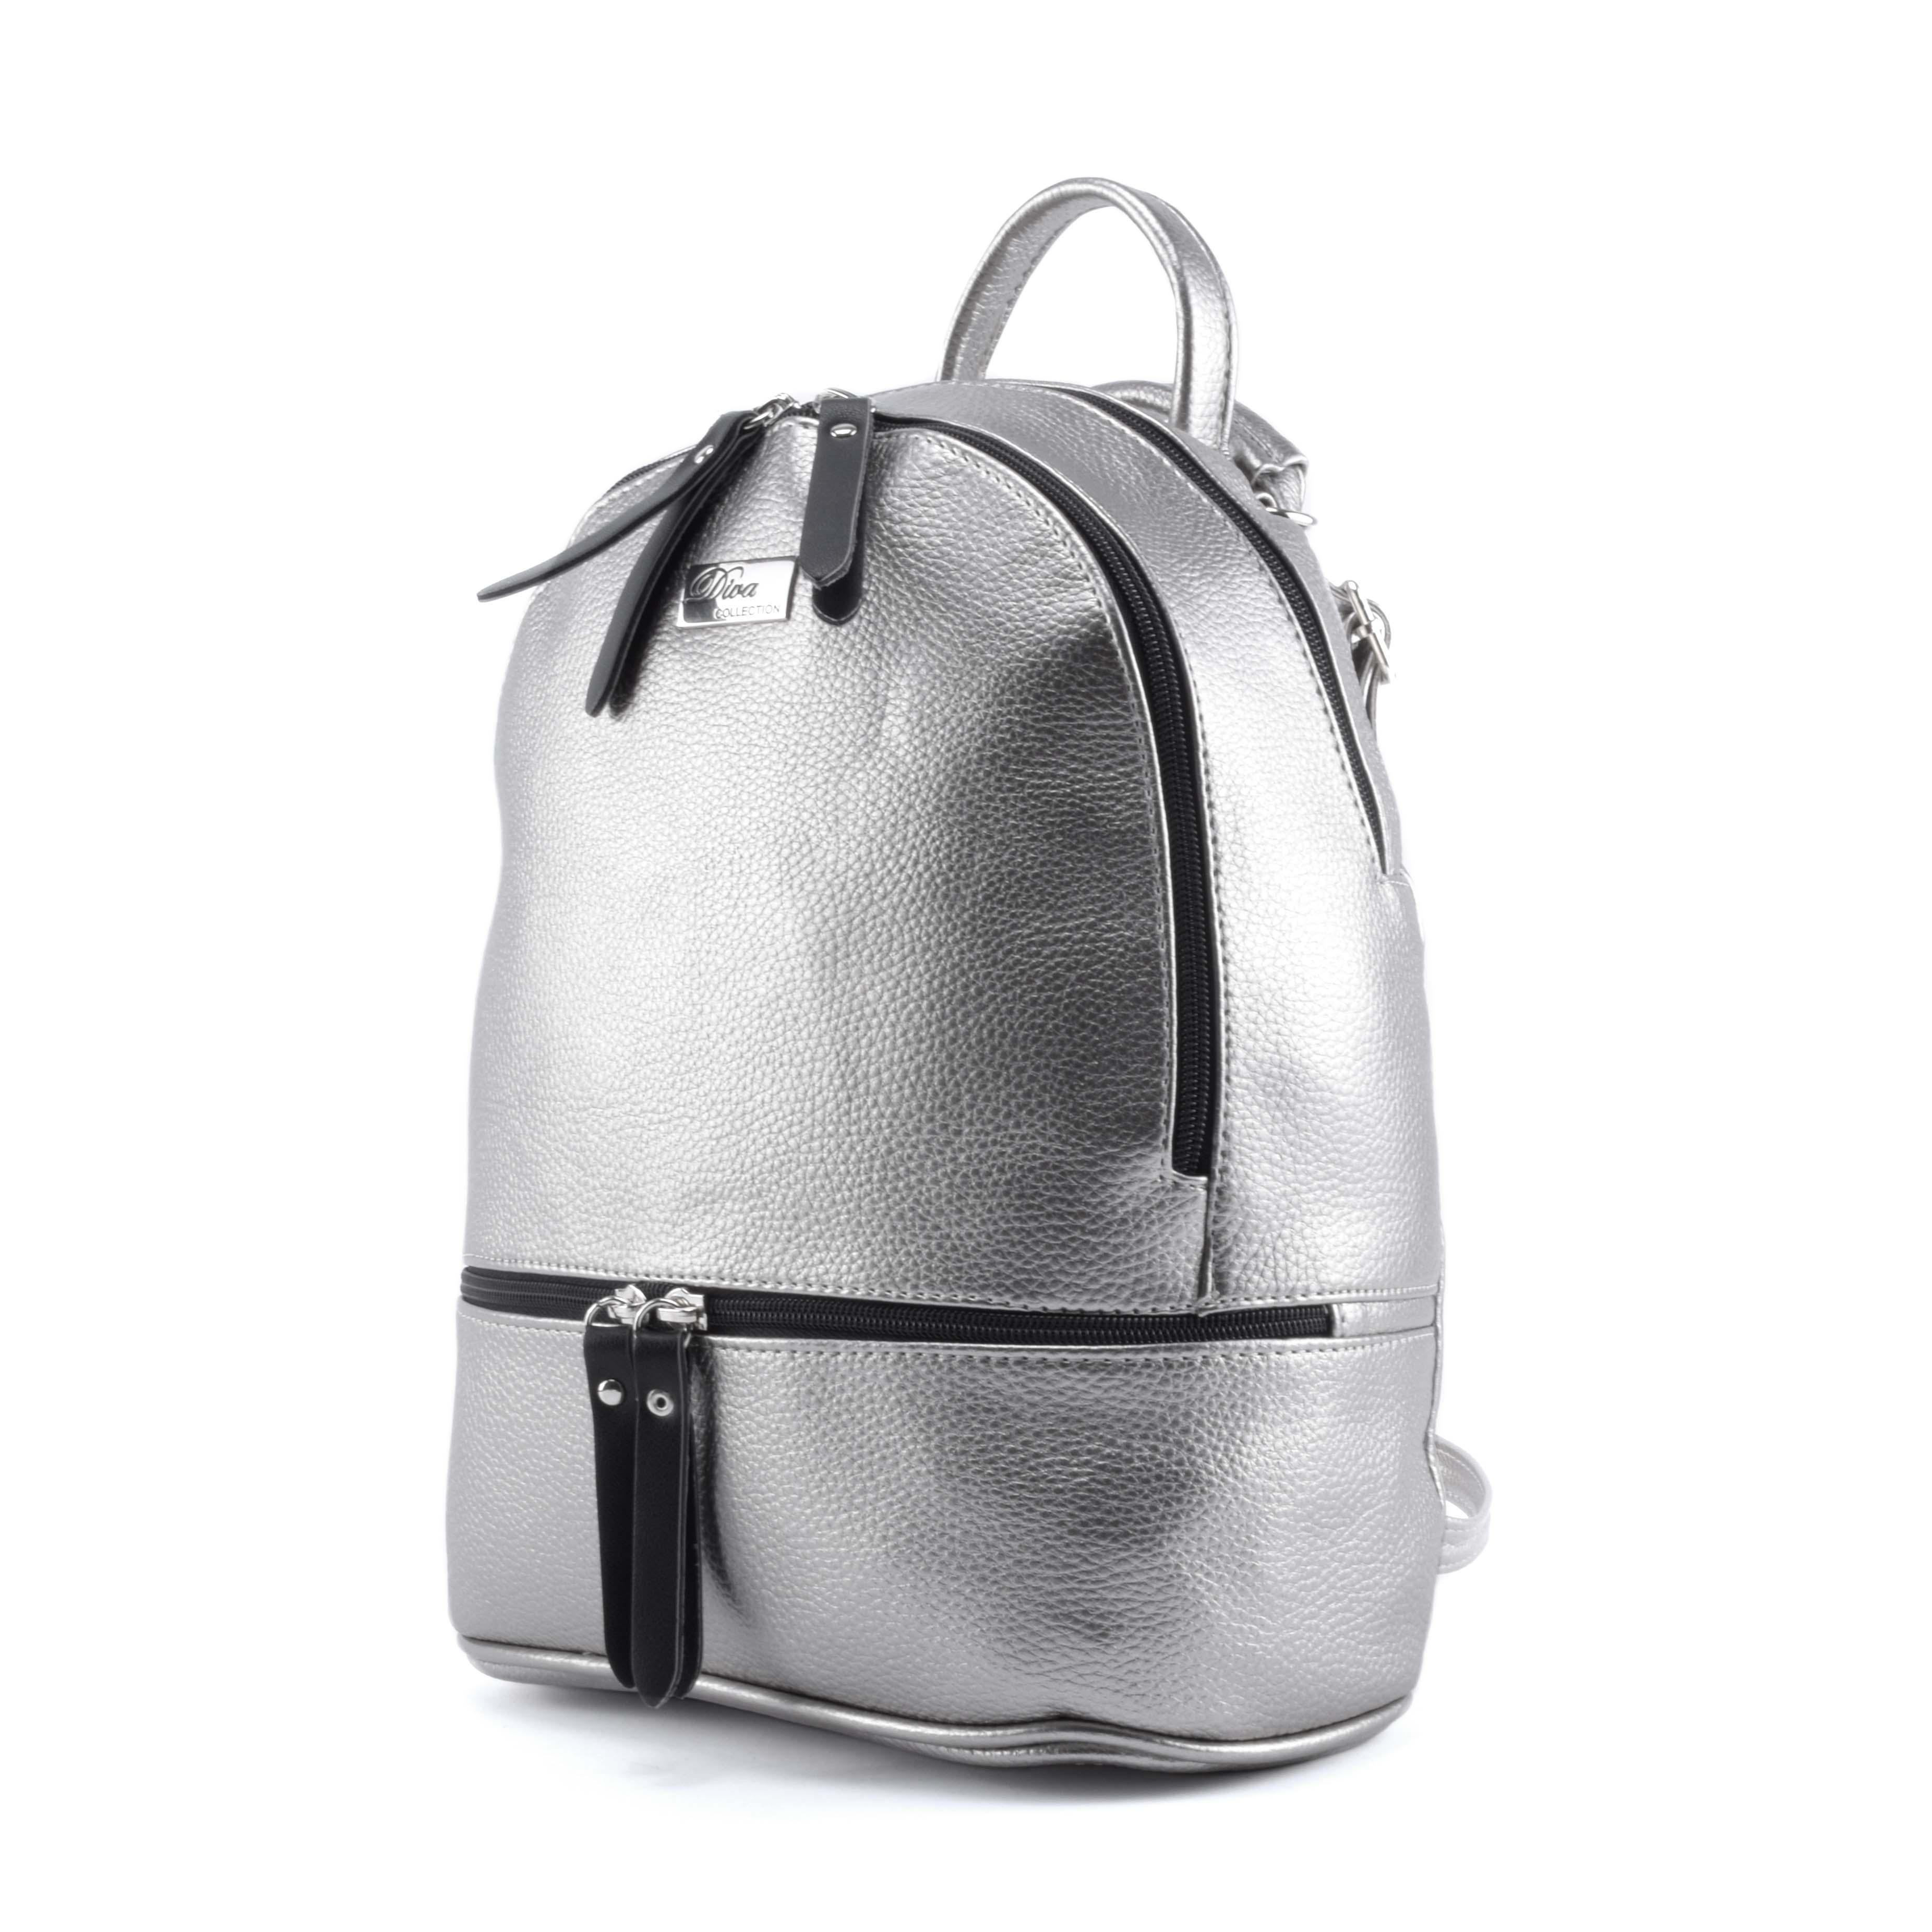 Diva Női Rostbőr sötétezüst Rostbőr Hátizsák - Műbőr - Táska webáruház -  Minőségi táskák mindenkinek 6ded275569